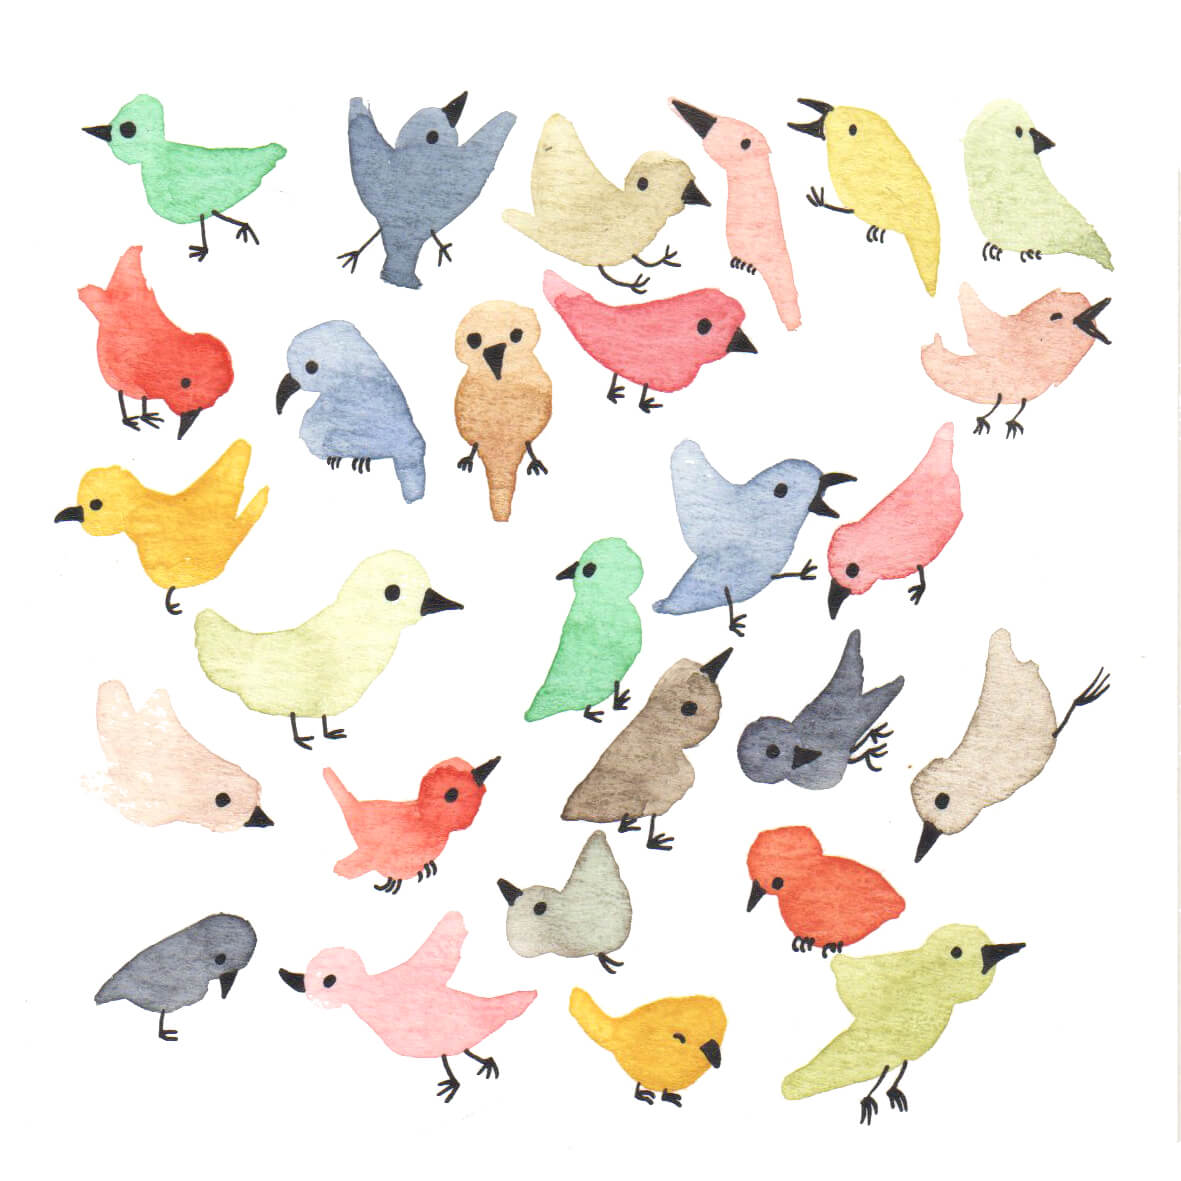 vrolijke vogels | tekening door Cynthia Borst